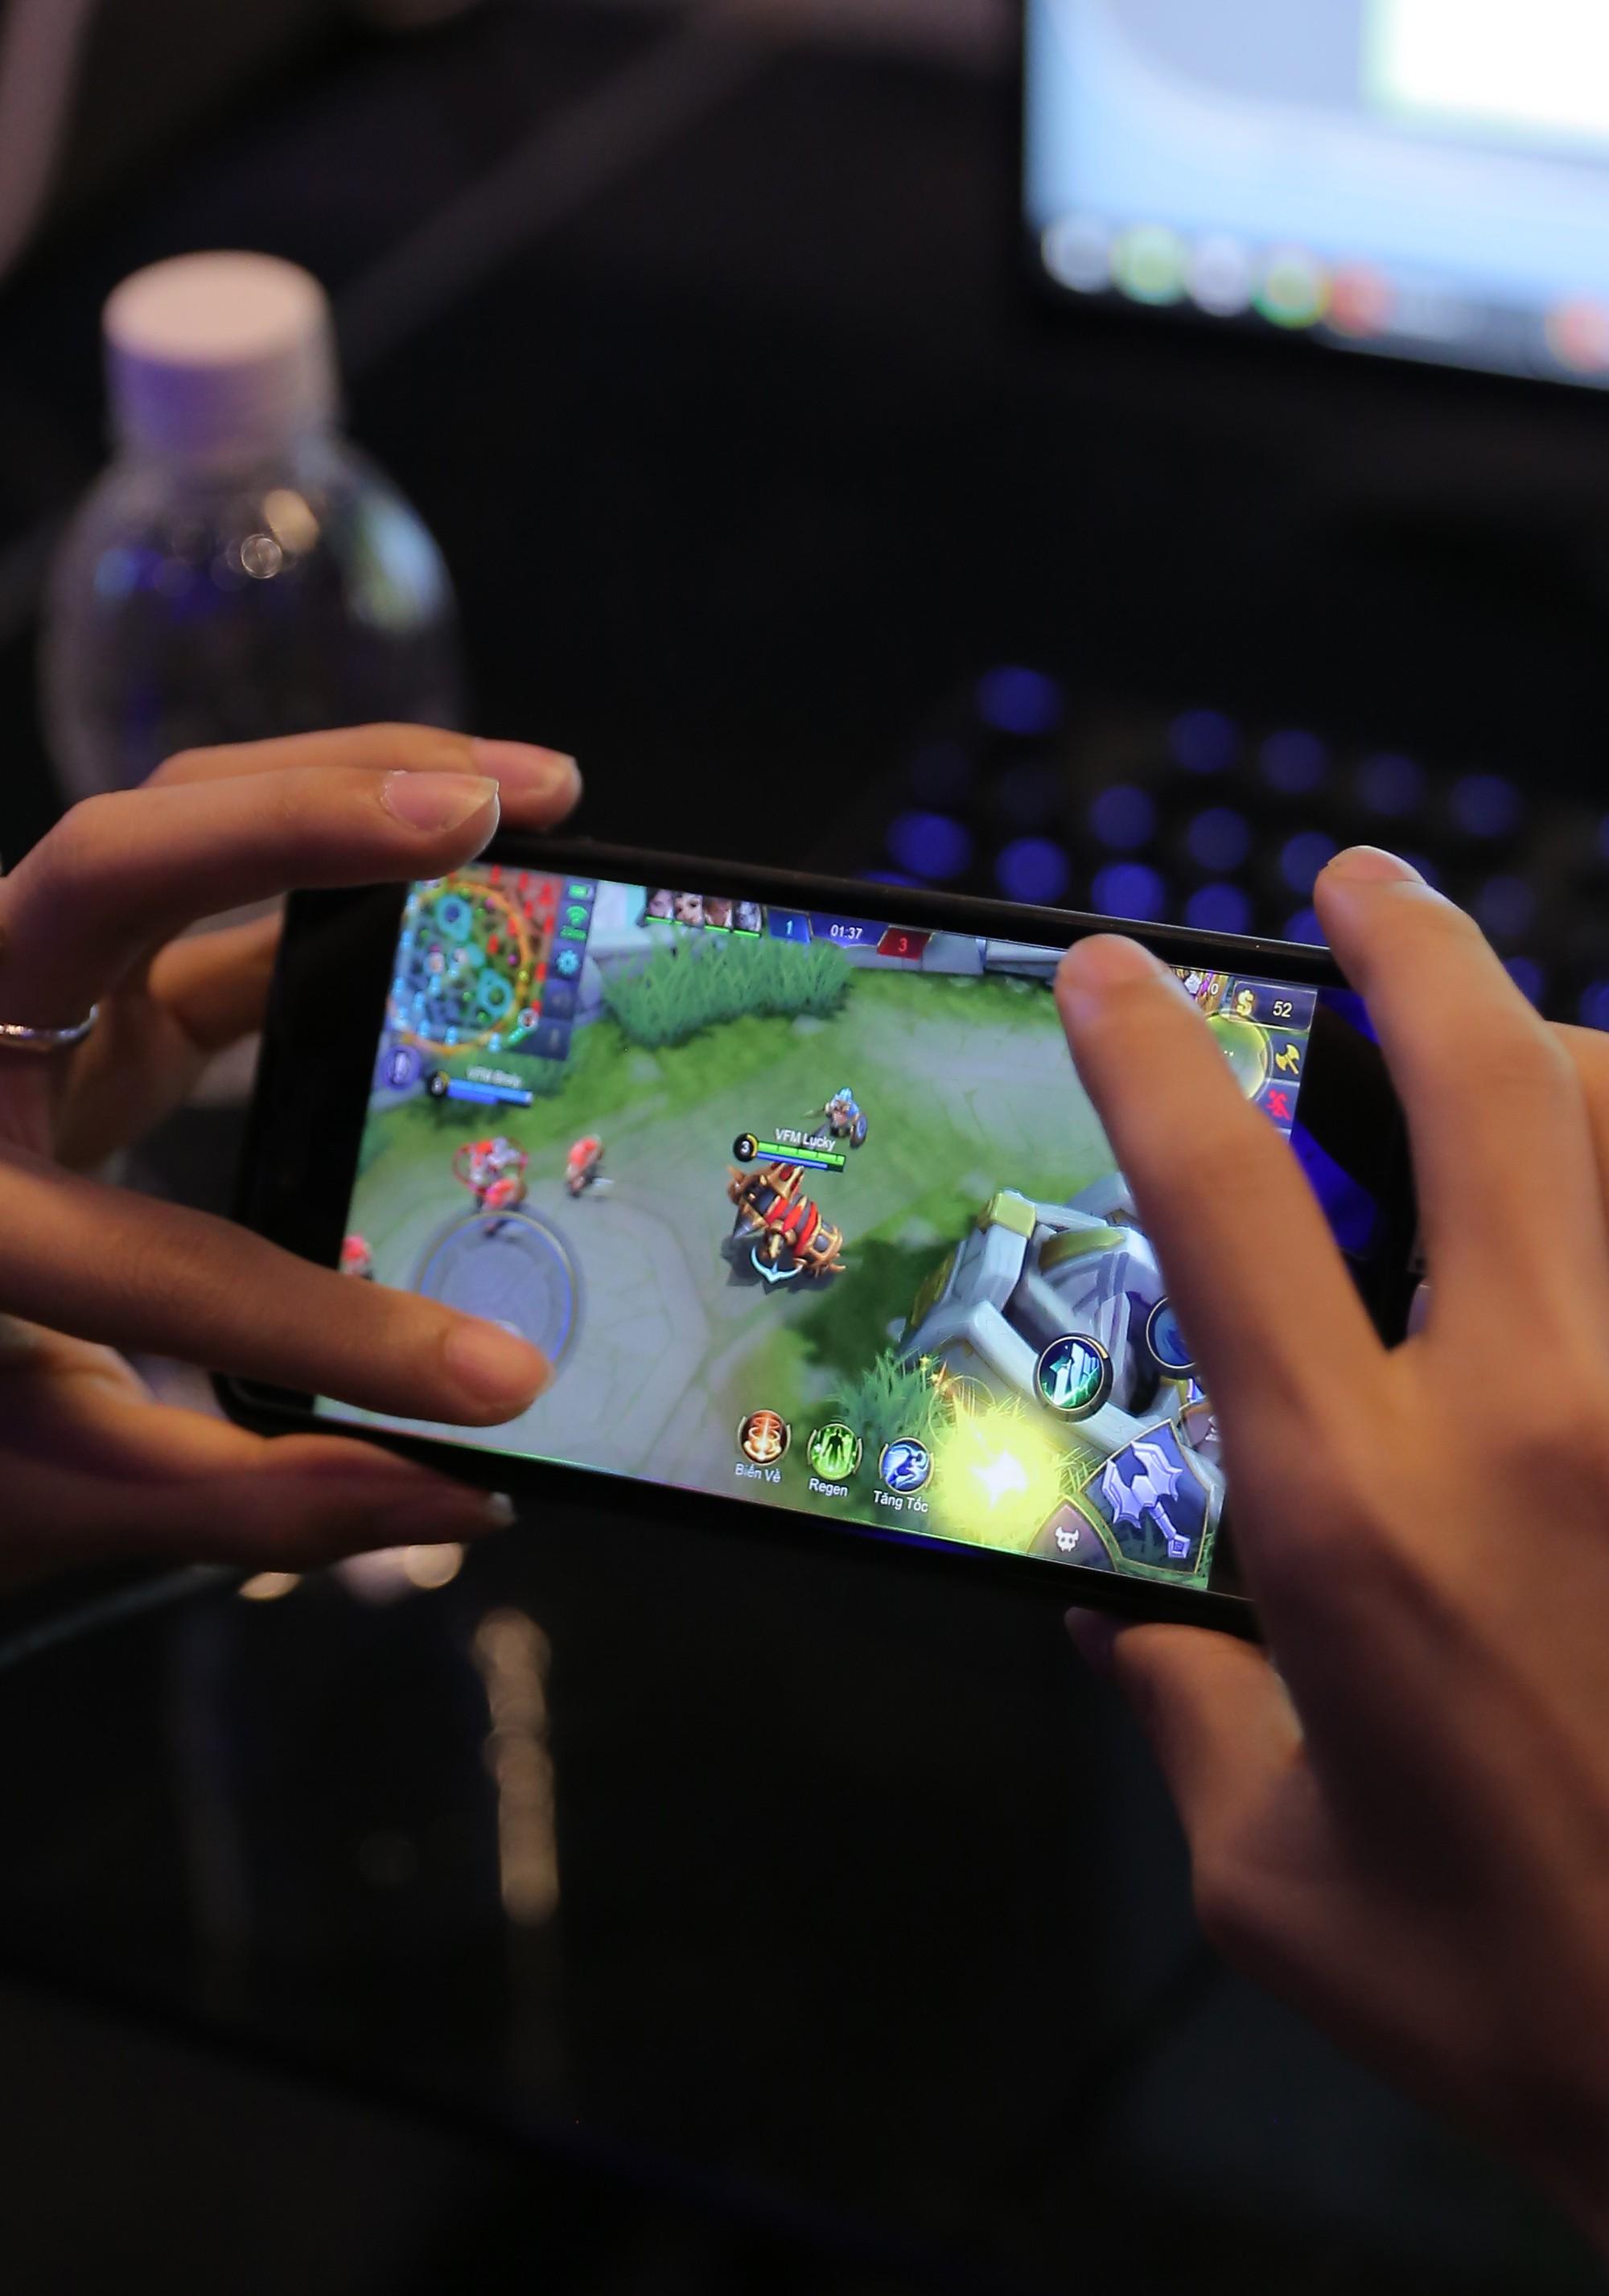 """Game thủ không còn là những """"đứa trẻ hư hỏng"""": Có một thế hệ như OverClockerSđang làm rạng danh nền eSports Việt Nam - Ảnh 10."""